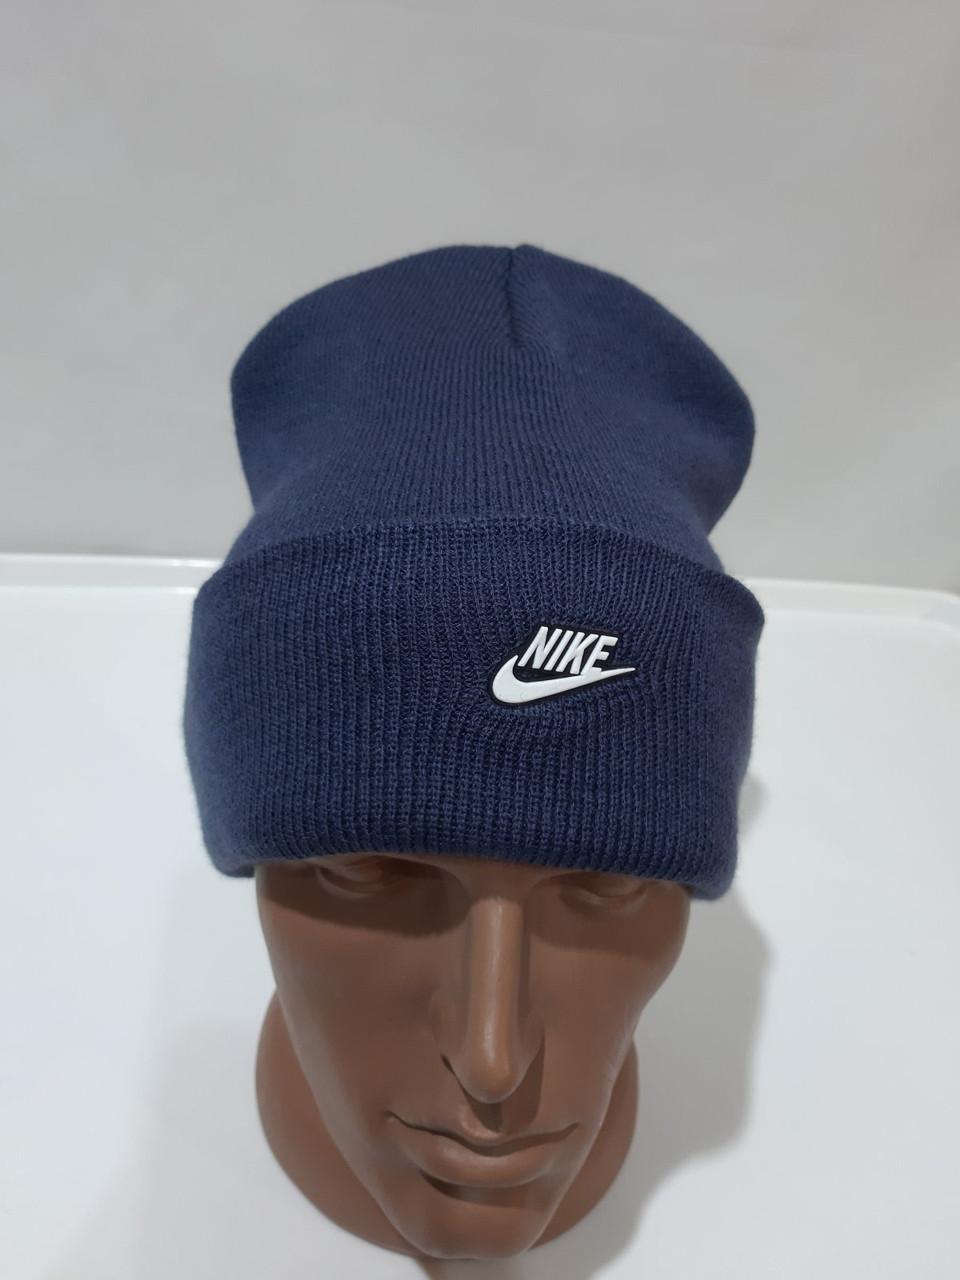 Зимняя мужская шапка синяя отличного качества теплая с отворотом